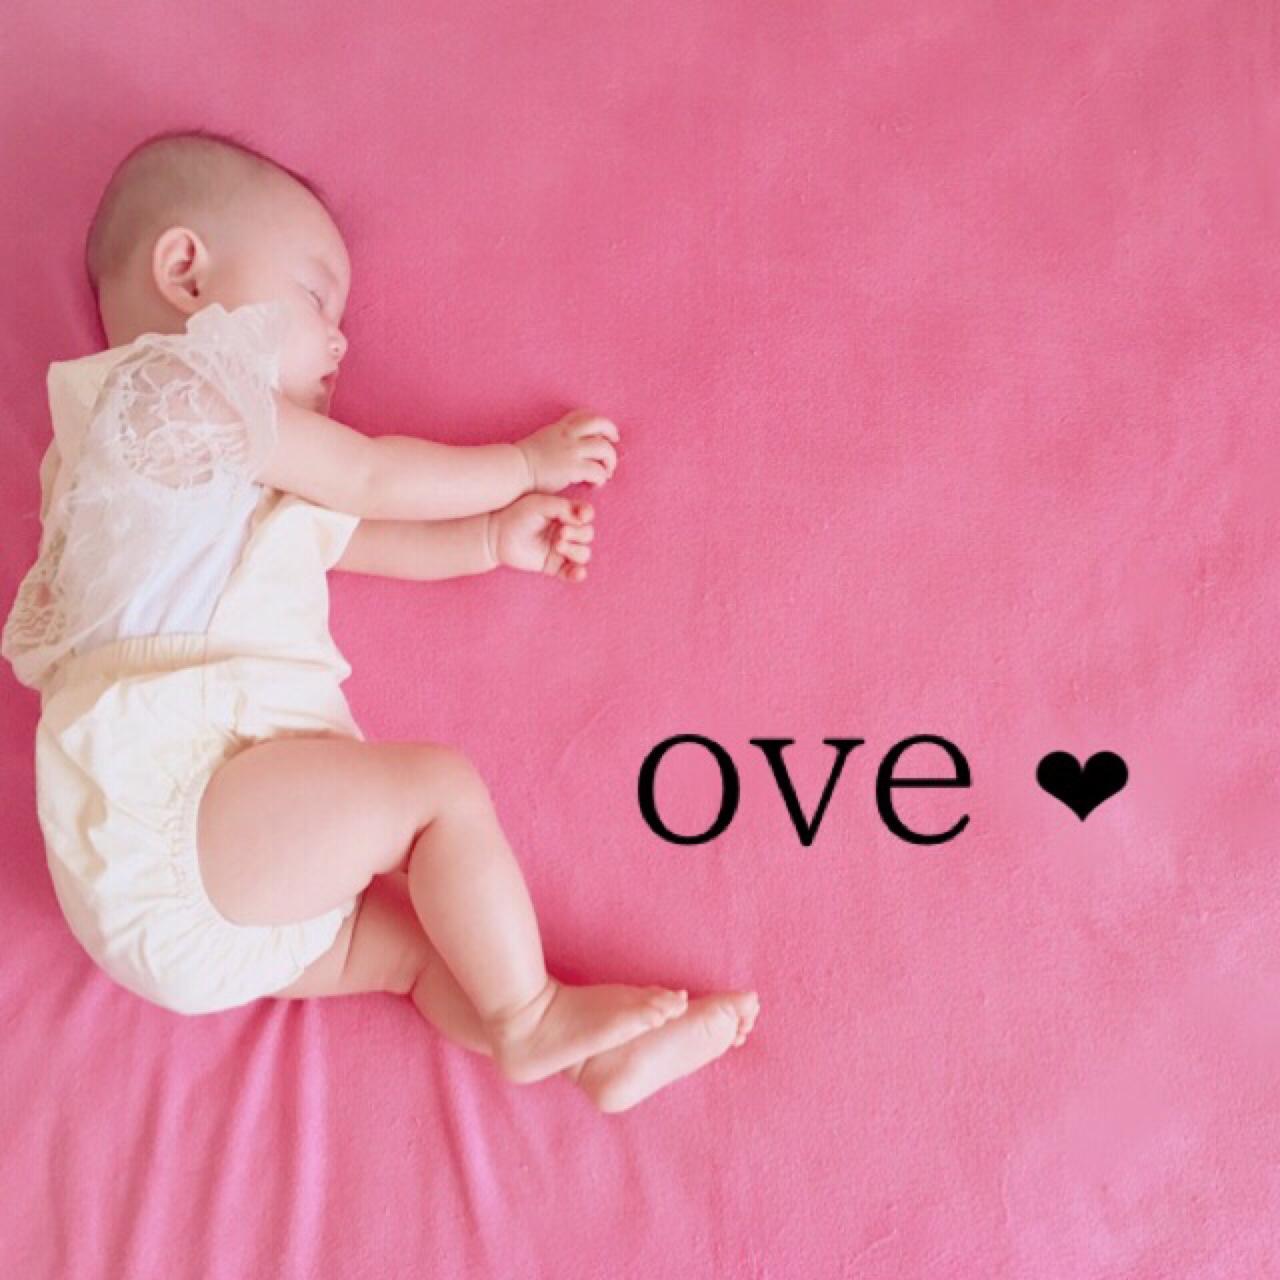 2月生まれ 生後5ヶ月 Mamagirl 記録 ママ友募集 新米ママ 育児あるある